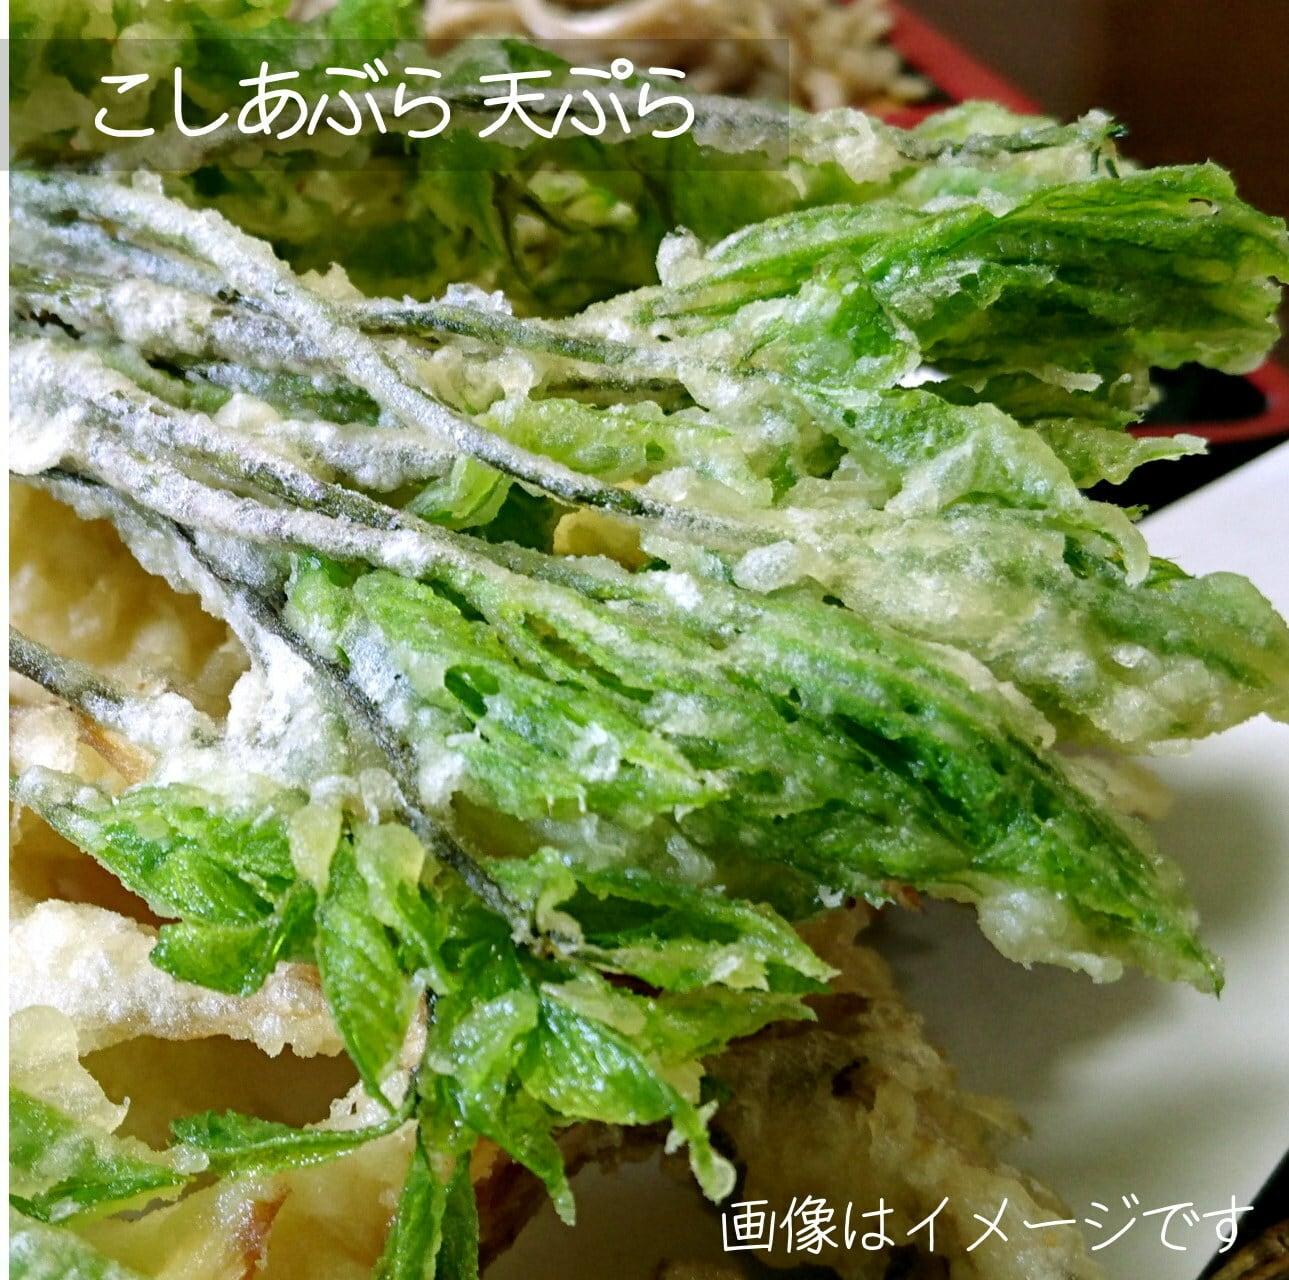 4月の山菜 こしあぶら 約50g 朝採り直売野菜 5月上旬発送予定